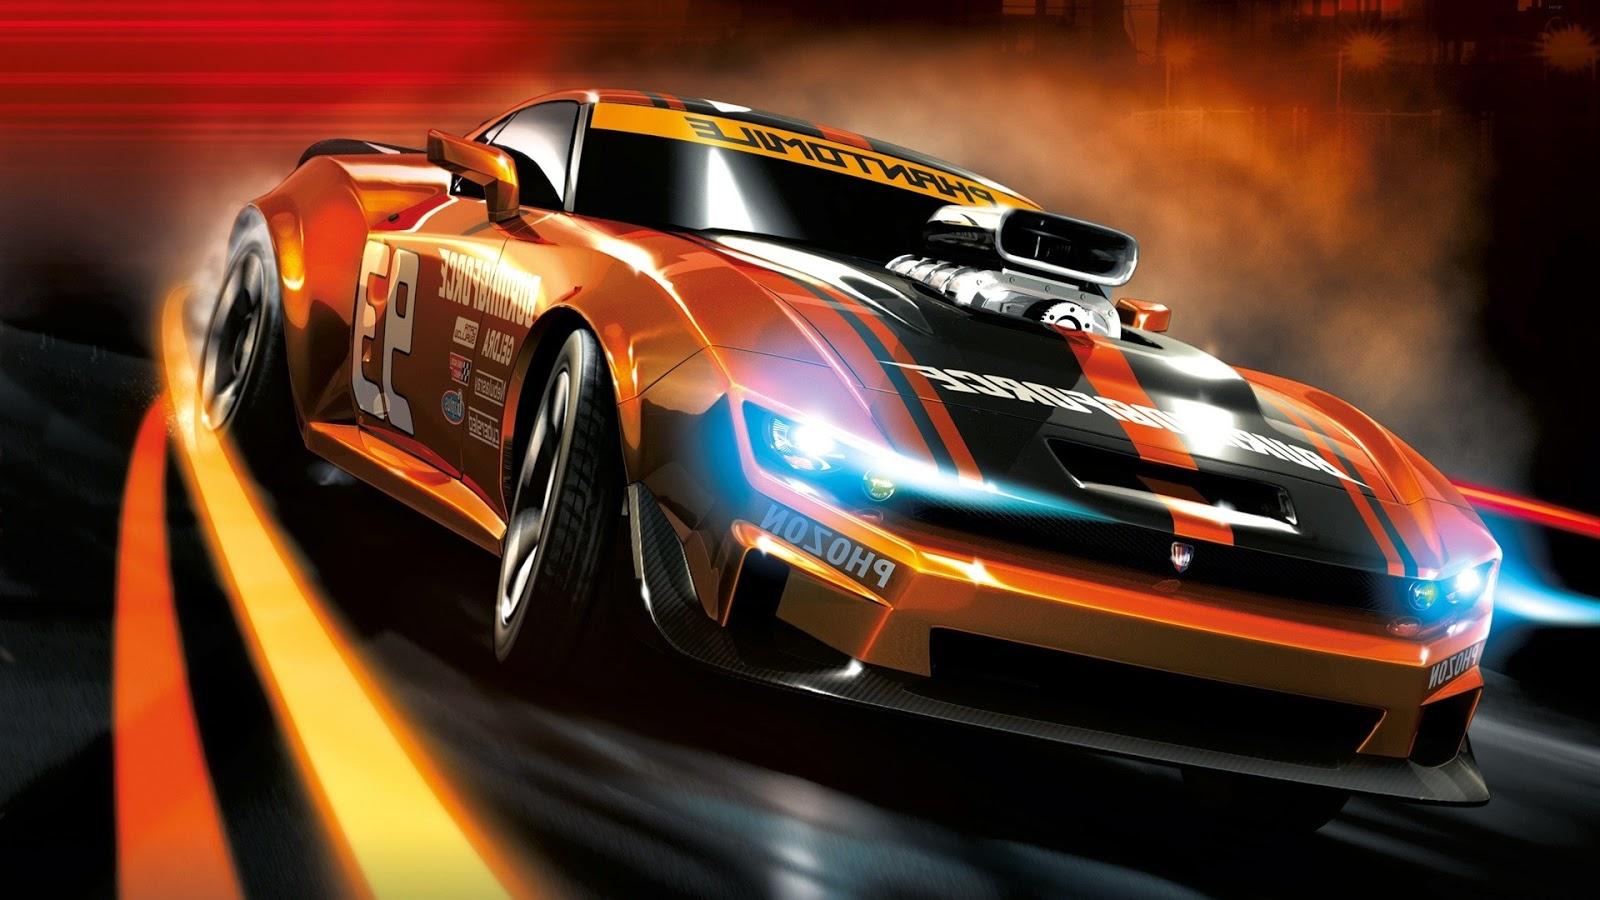 Gambar Wallpaper Modifikasi Mobil Balap Drag Race Modif Motor dan 1600x900